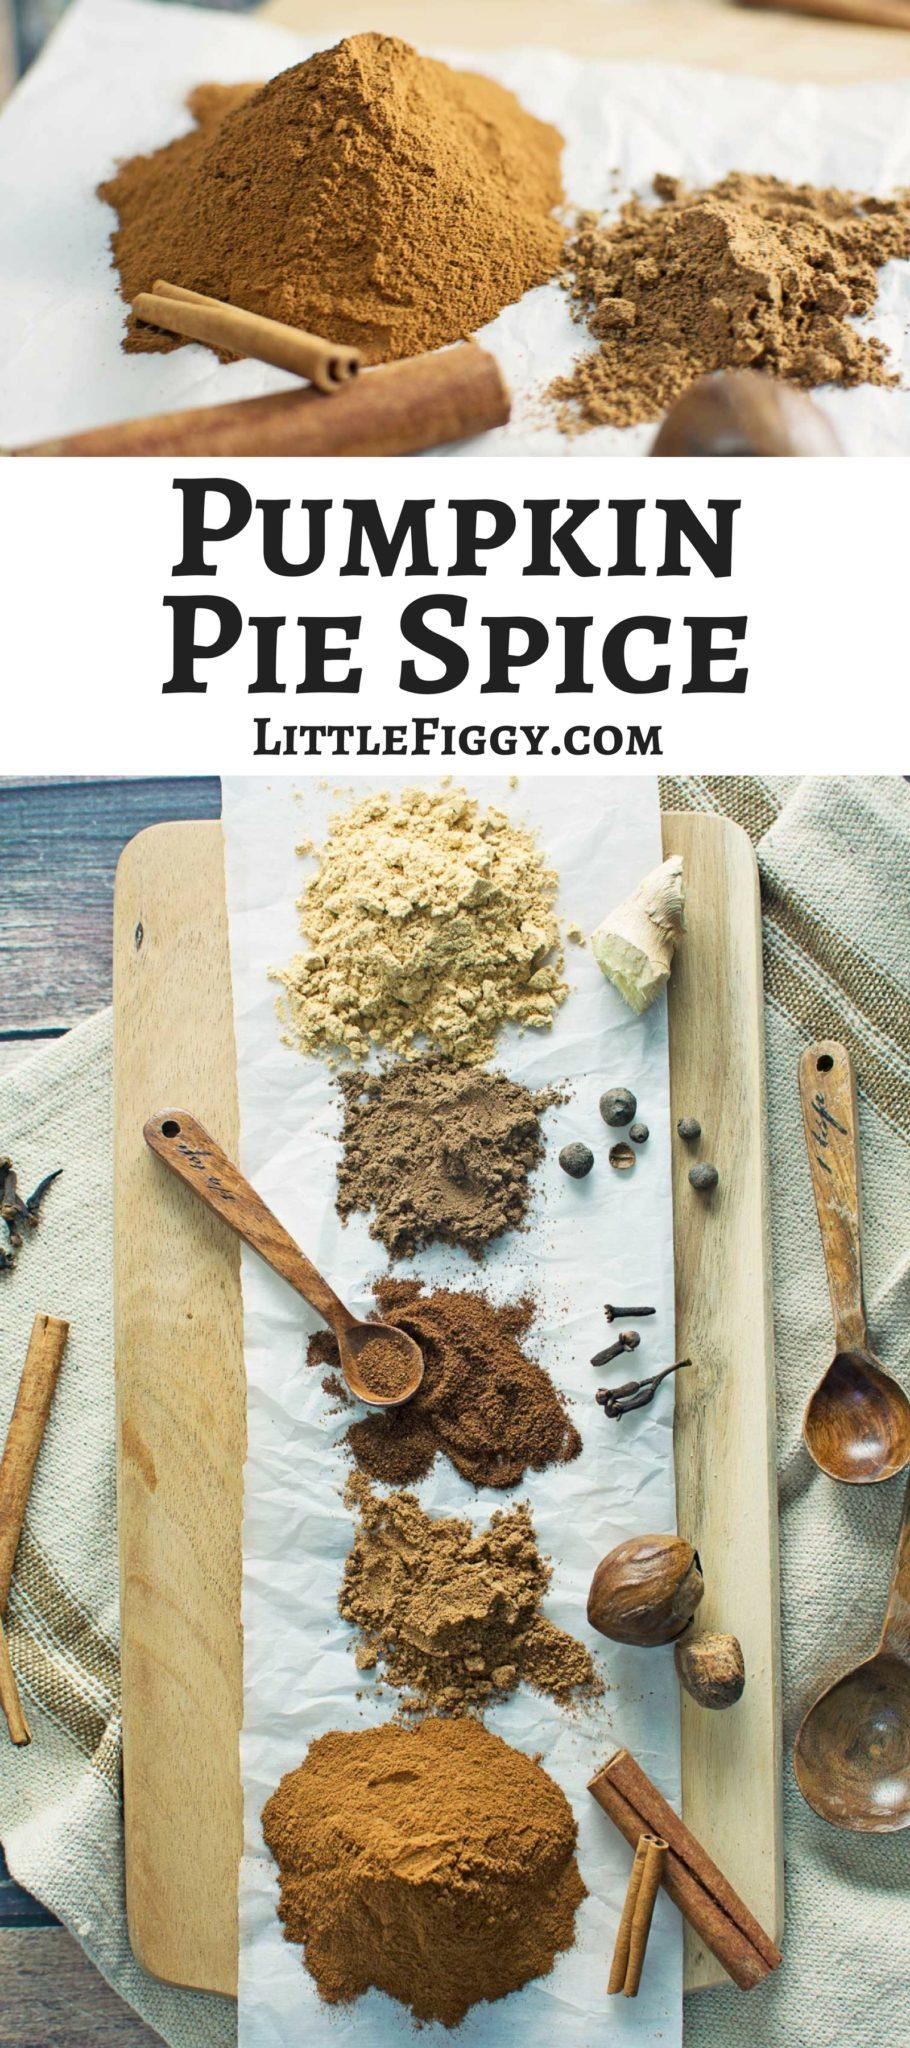 how to make pumpkin pie spice blend